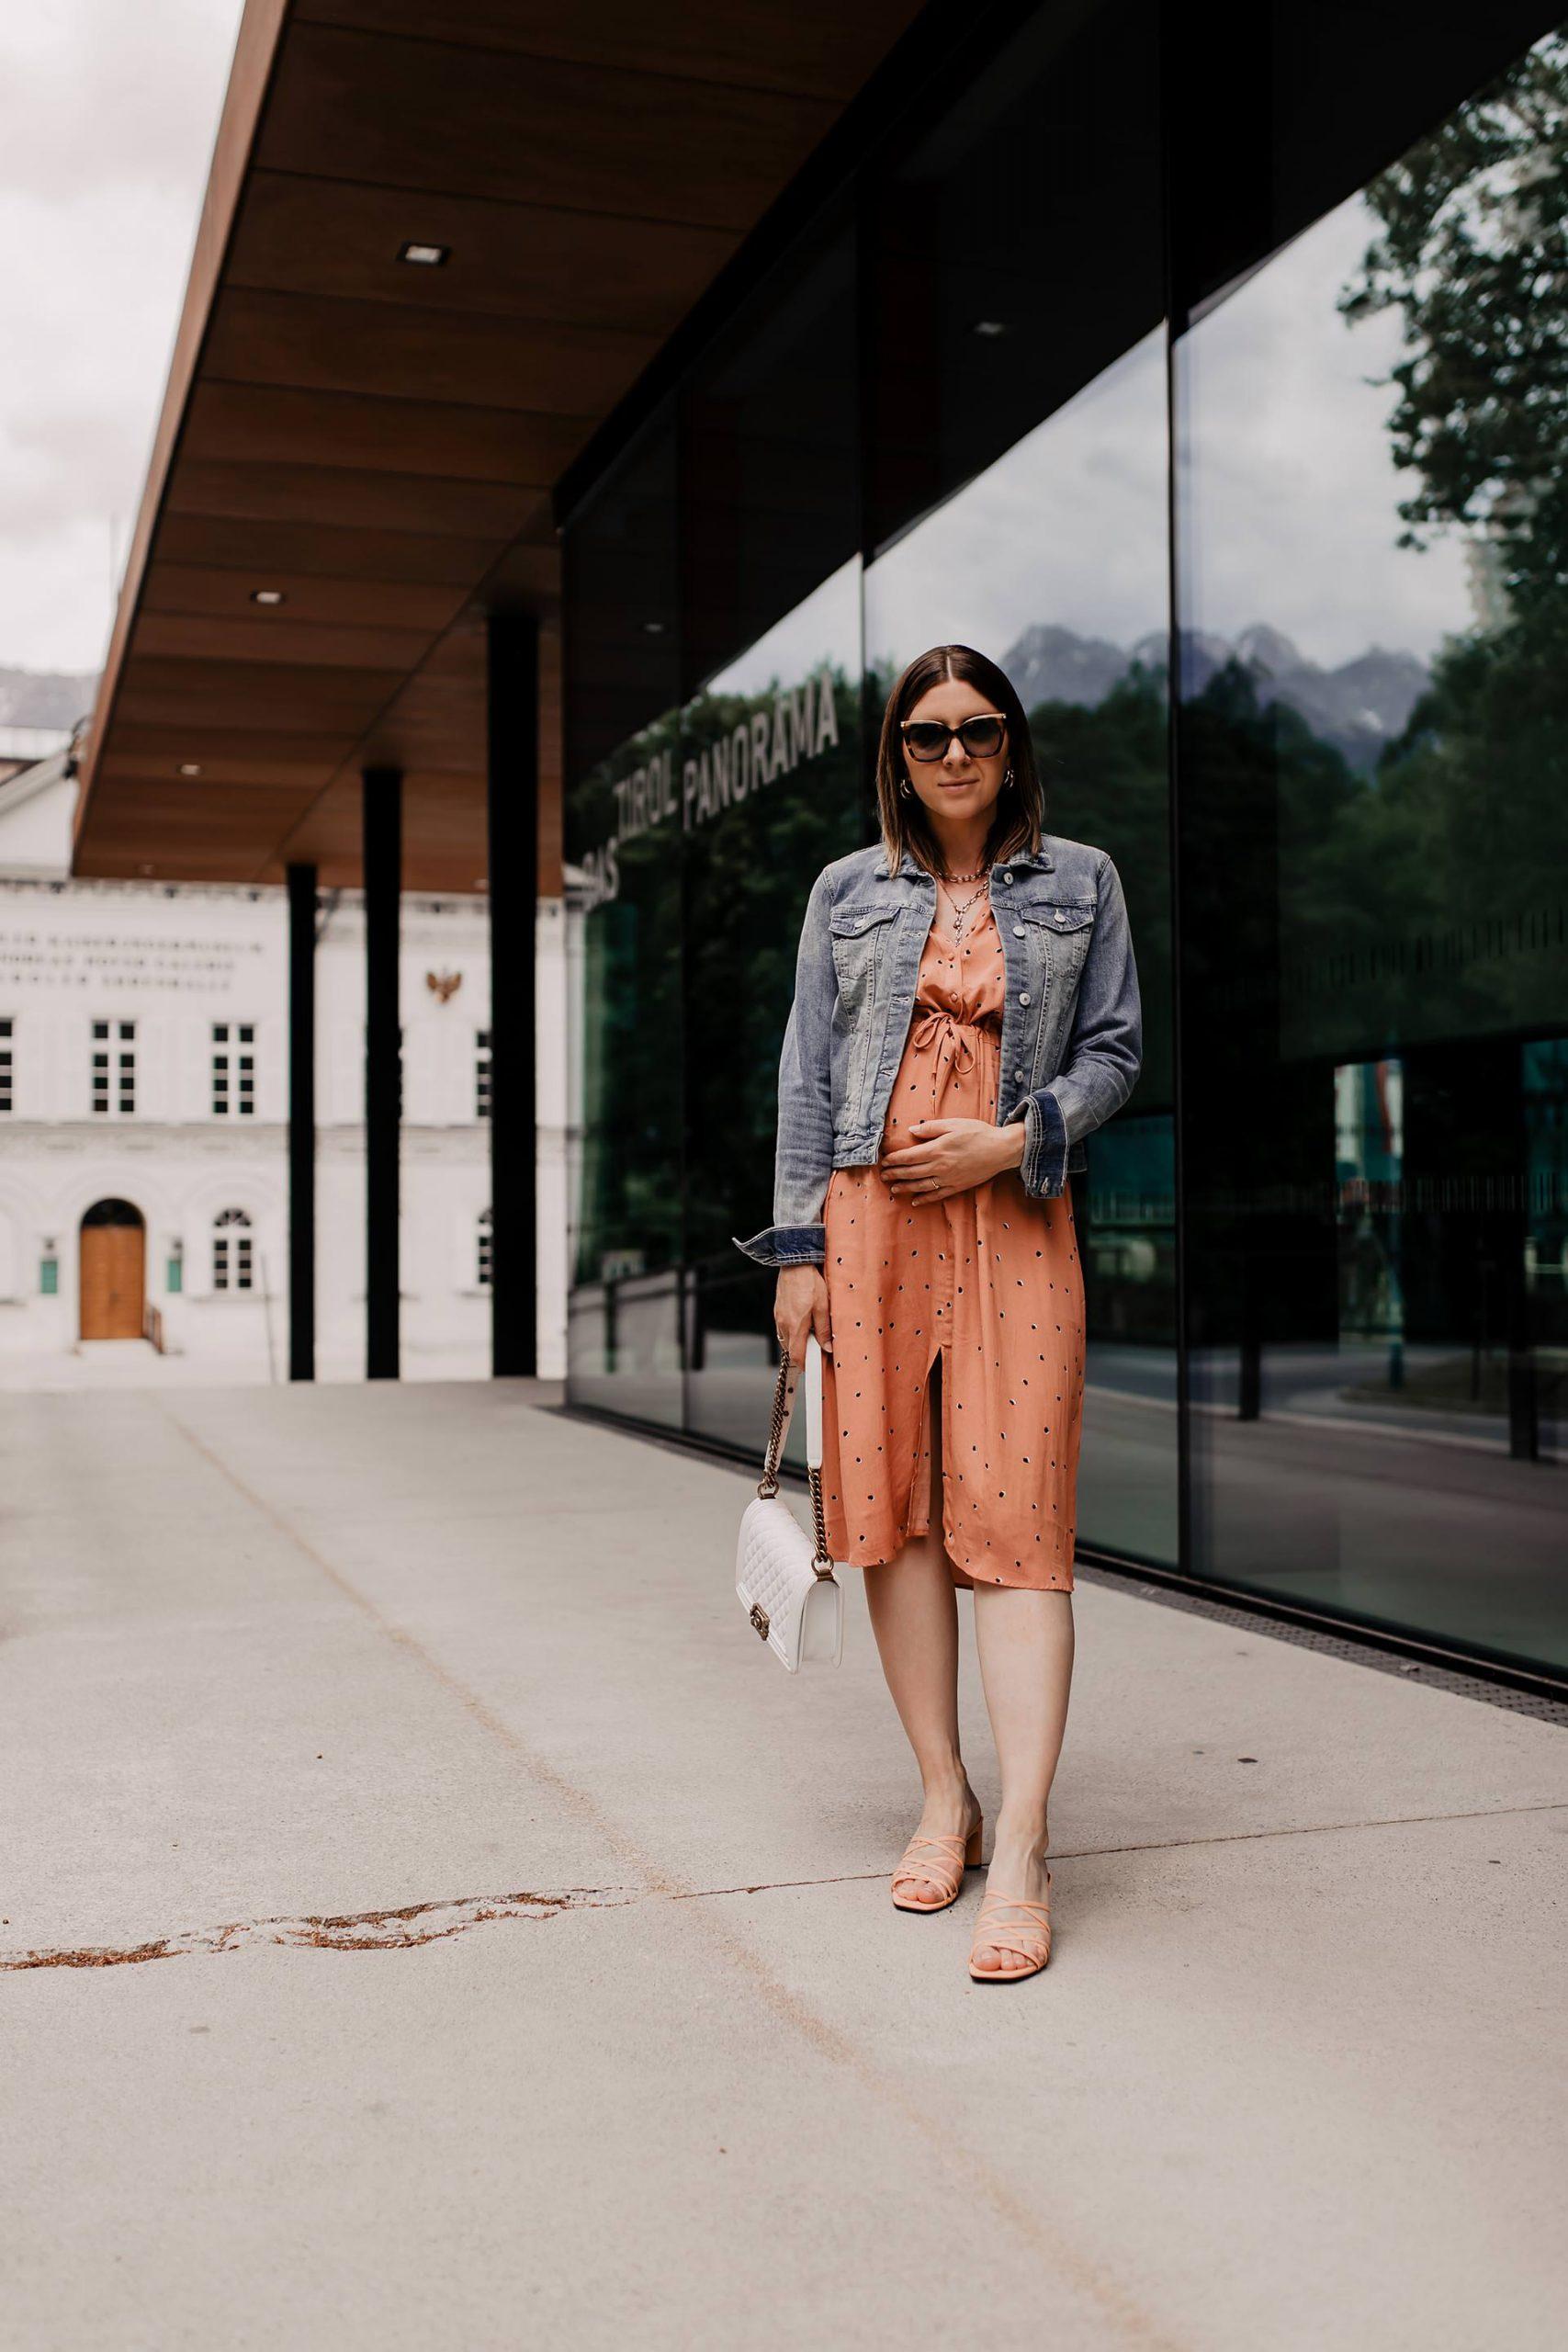 Produktplatzierung. Kleid und Jeansjacke sind meiner Meinung nach einfach eine ideale Kombination für den Frühling. Sommerkleider lassen sich so schon ein paar Wochen früher tragen, was natürlich nie schlecht ist. Am Modeblog findest du alle Outfit-Details zum nachshoppen! www.whoismocca.com